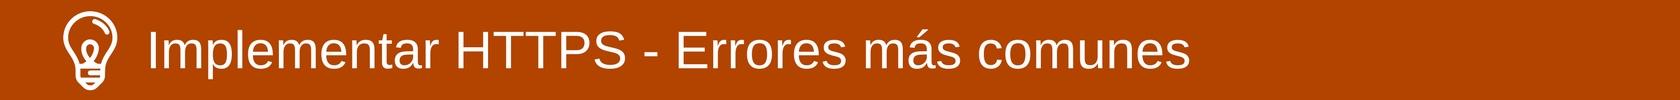 Errores más comunes al implementar HTTPS